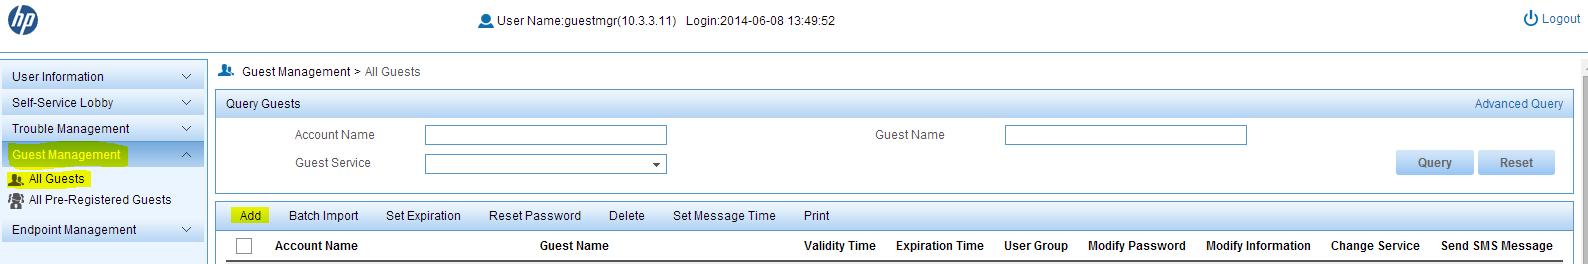 iMC UAM Self-Service Add Guest